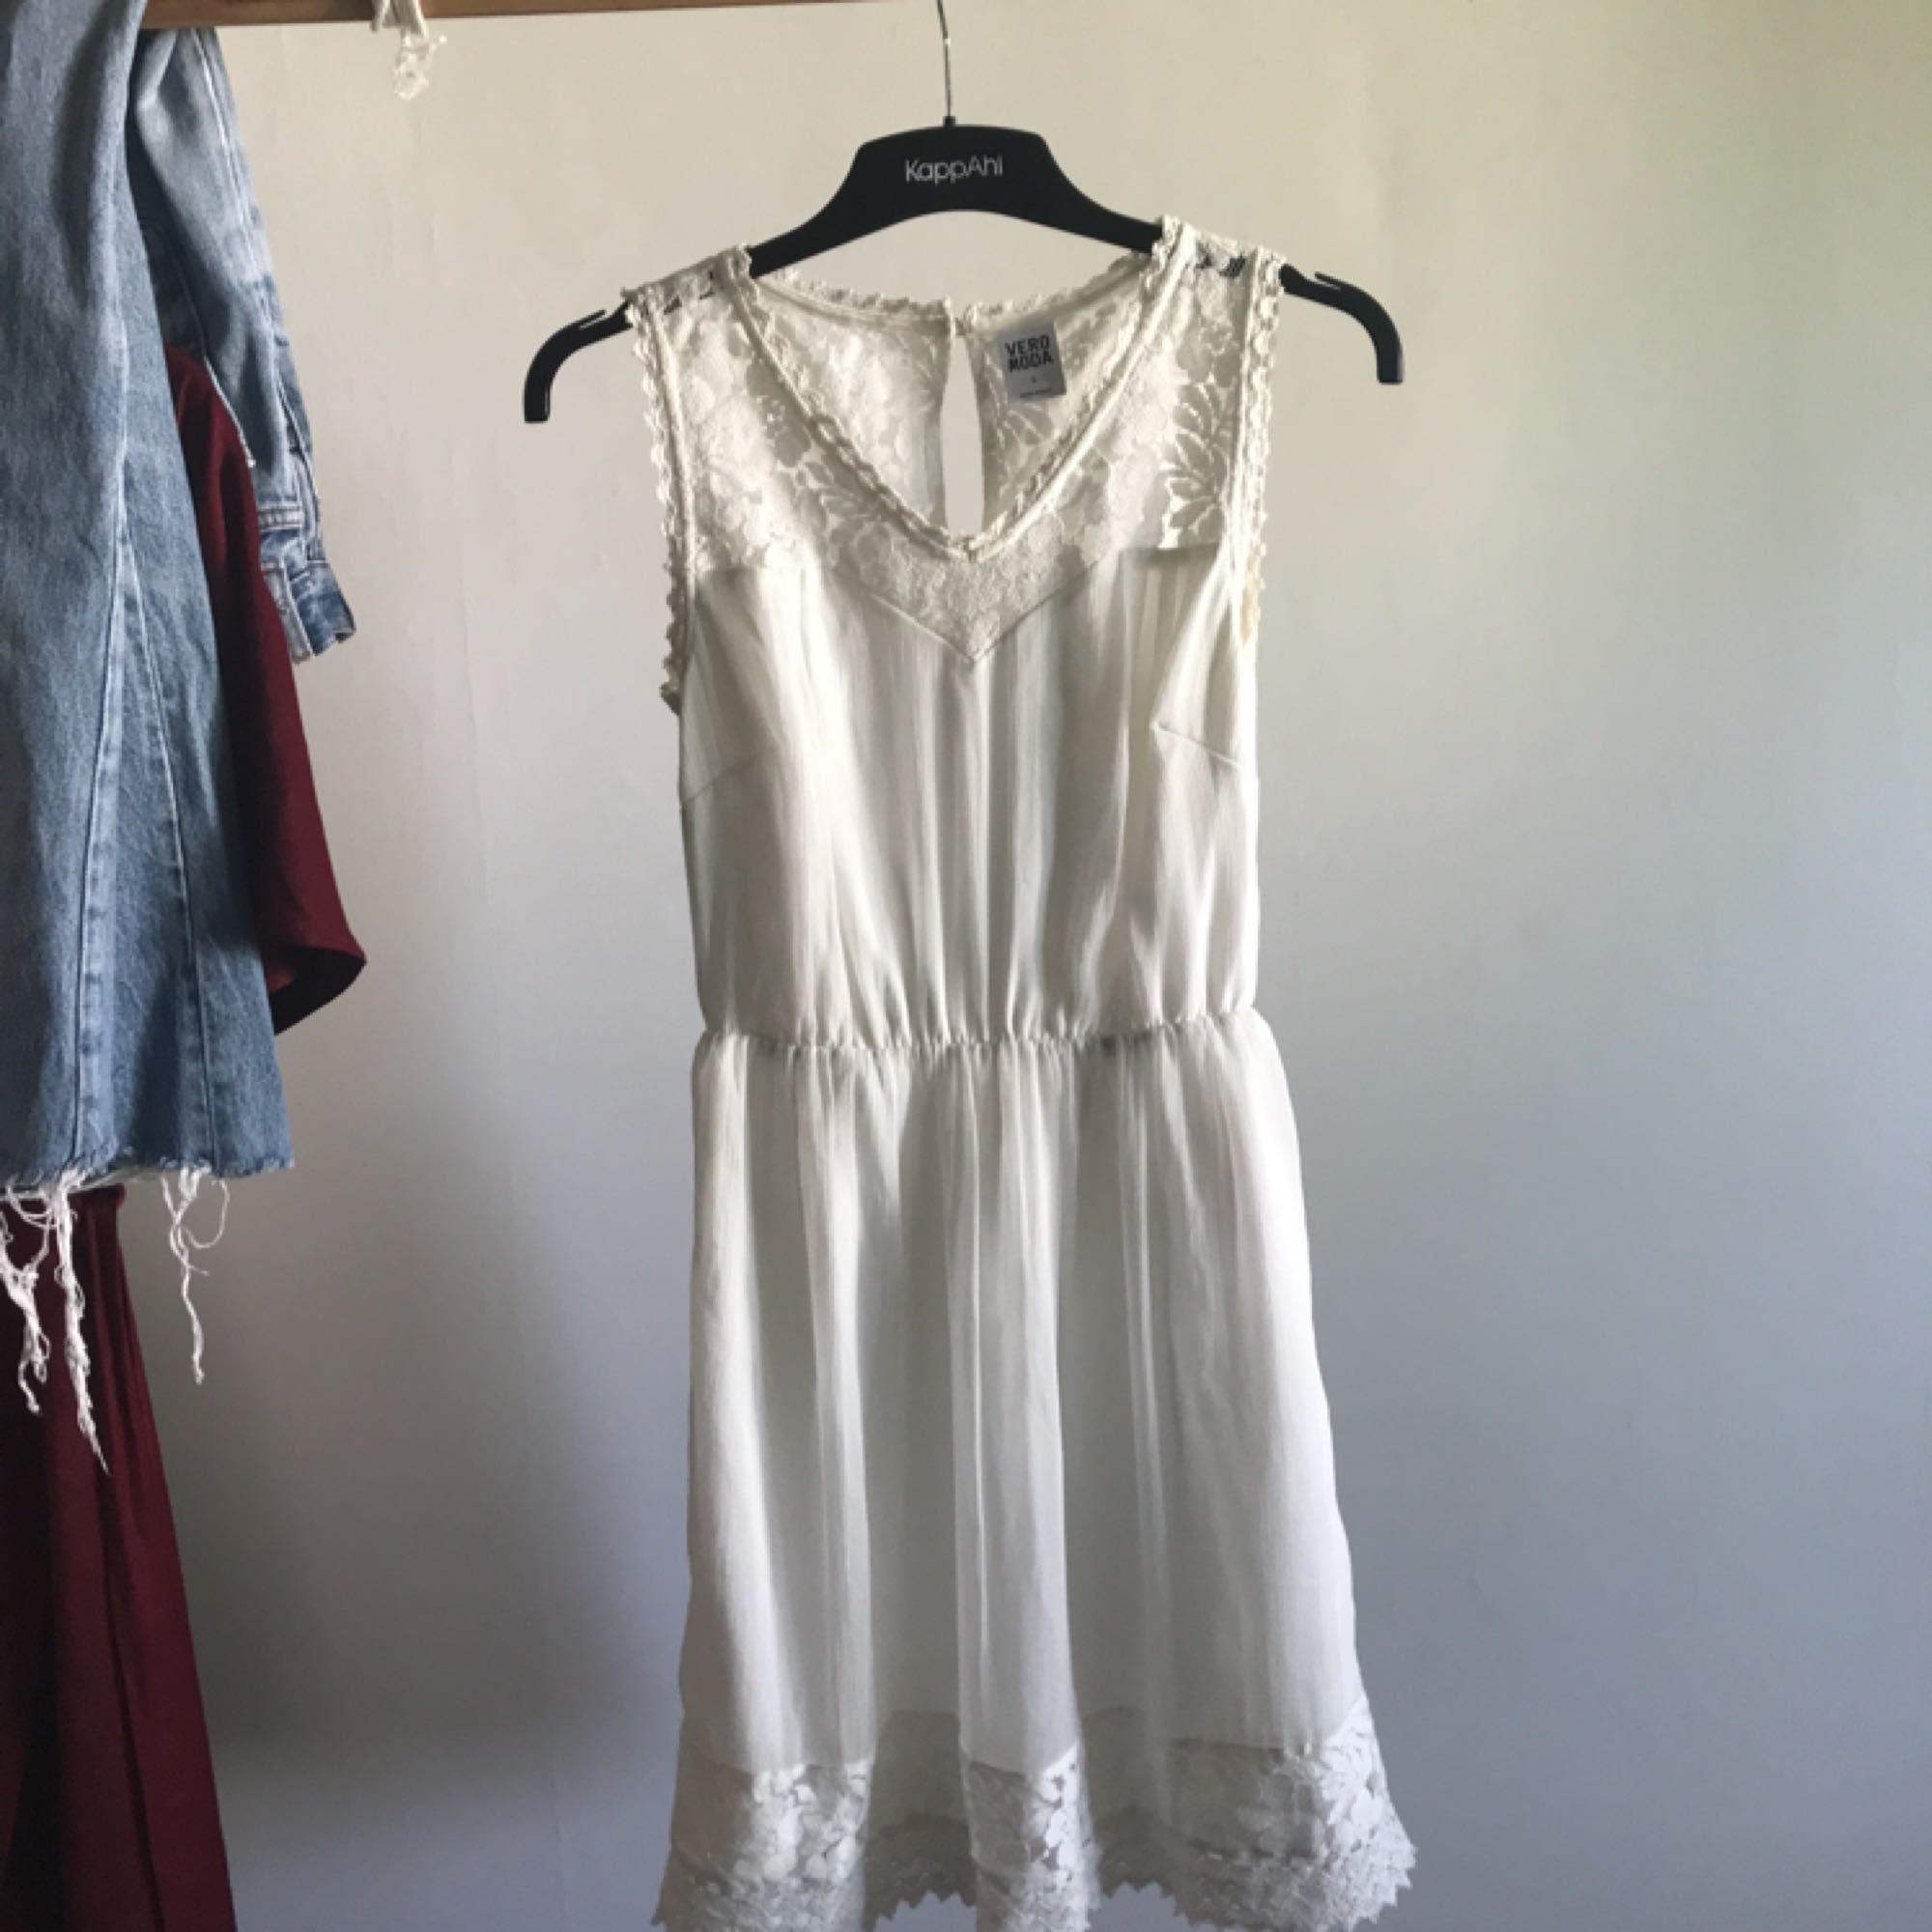 af2d4ccc82f4 Fin klänning i storlek S från Vero Moda använd en gång på en  sommaravslutning.